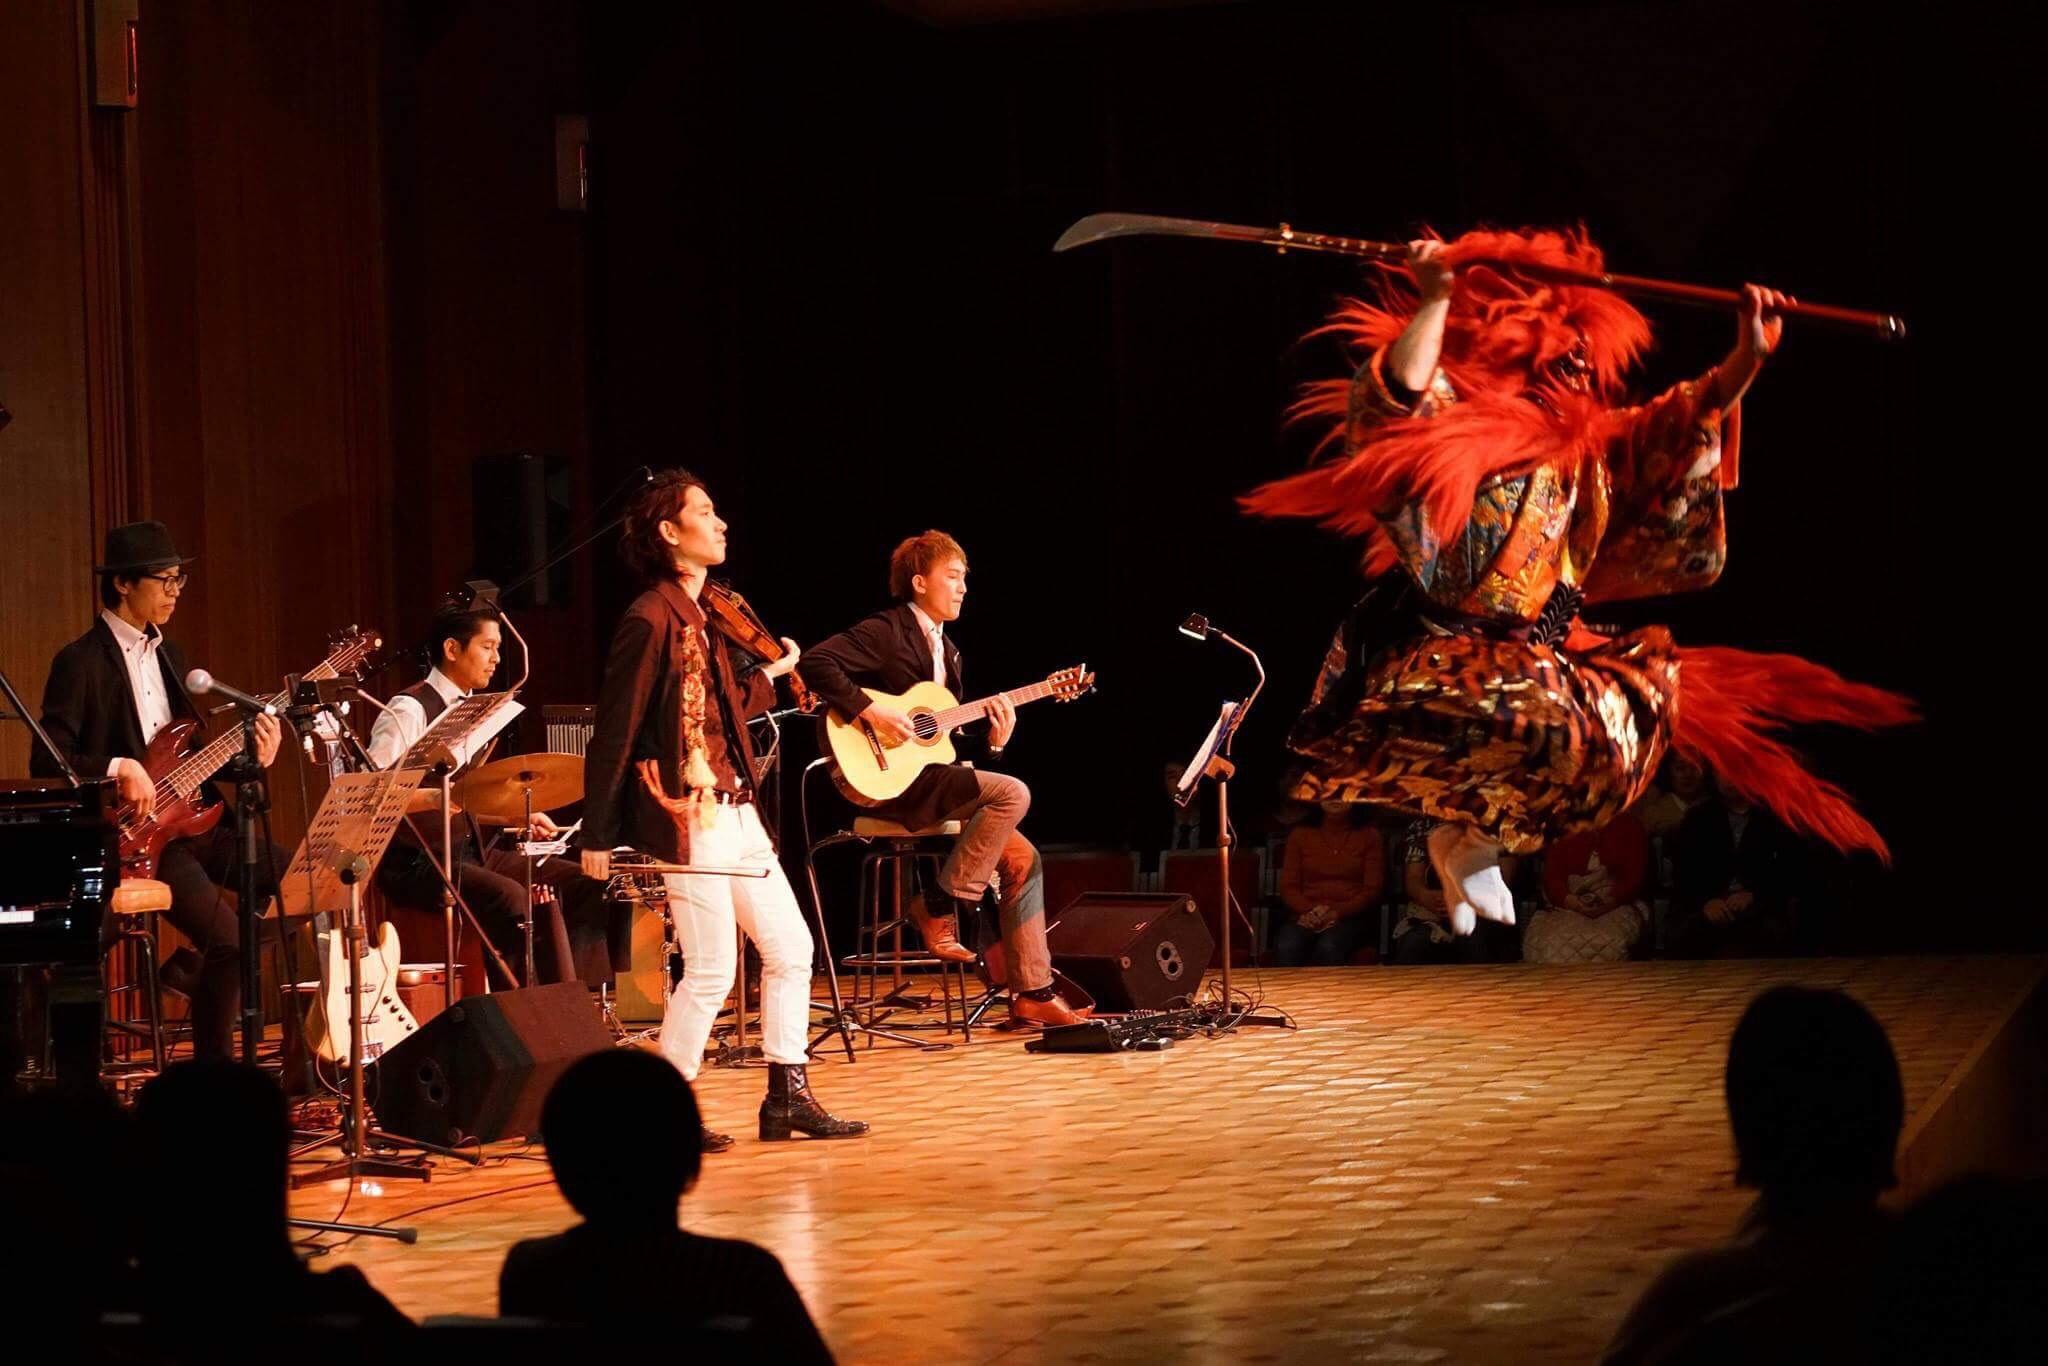 ヴァイオリン・ギター・ベース・ドラムなどによるバンド演奏の前でなぎなたを持った鬼神として舞う源講師。